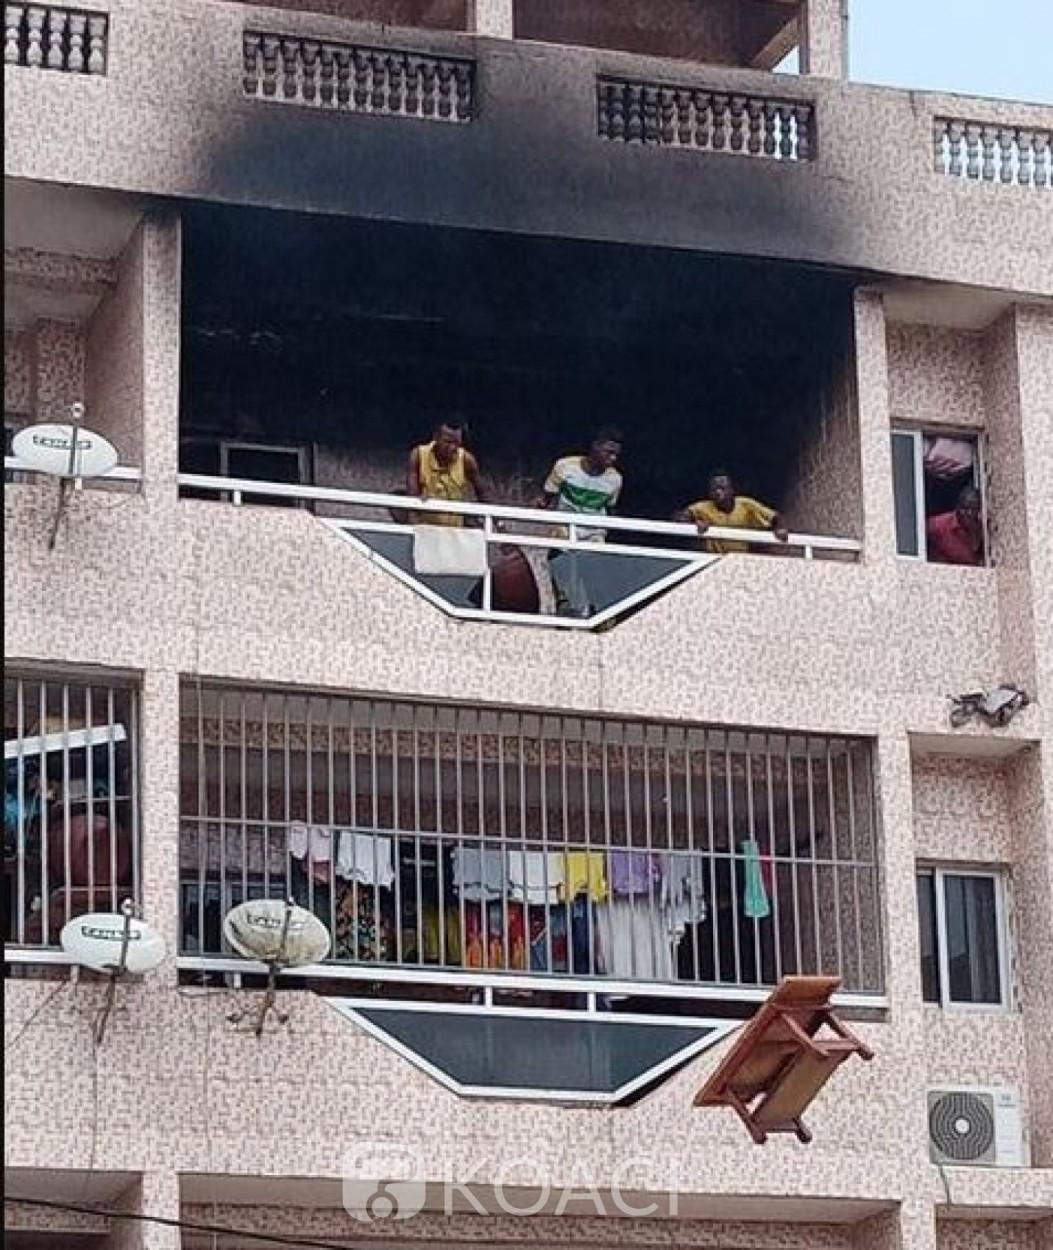 Côte d'Ivoire : Abobo-Gare, un incendie déclaré dans un immeuble, plus de peur que de mal